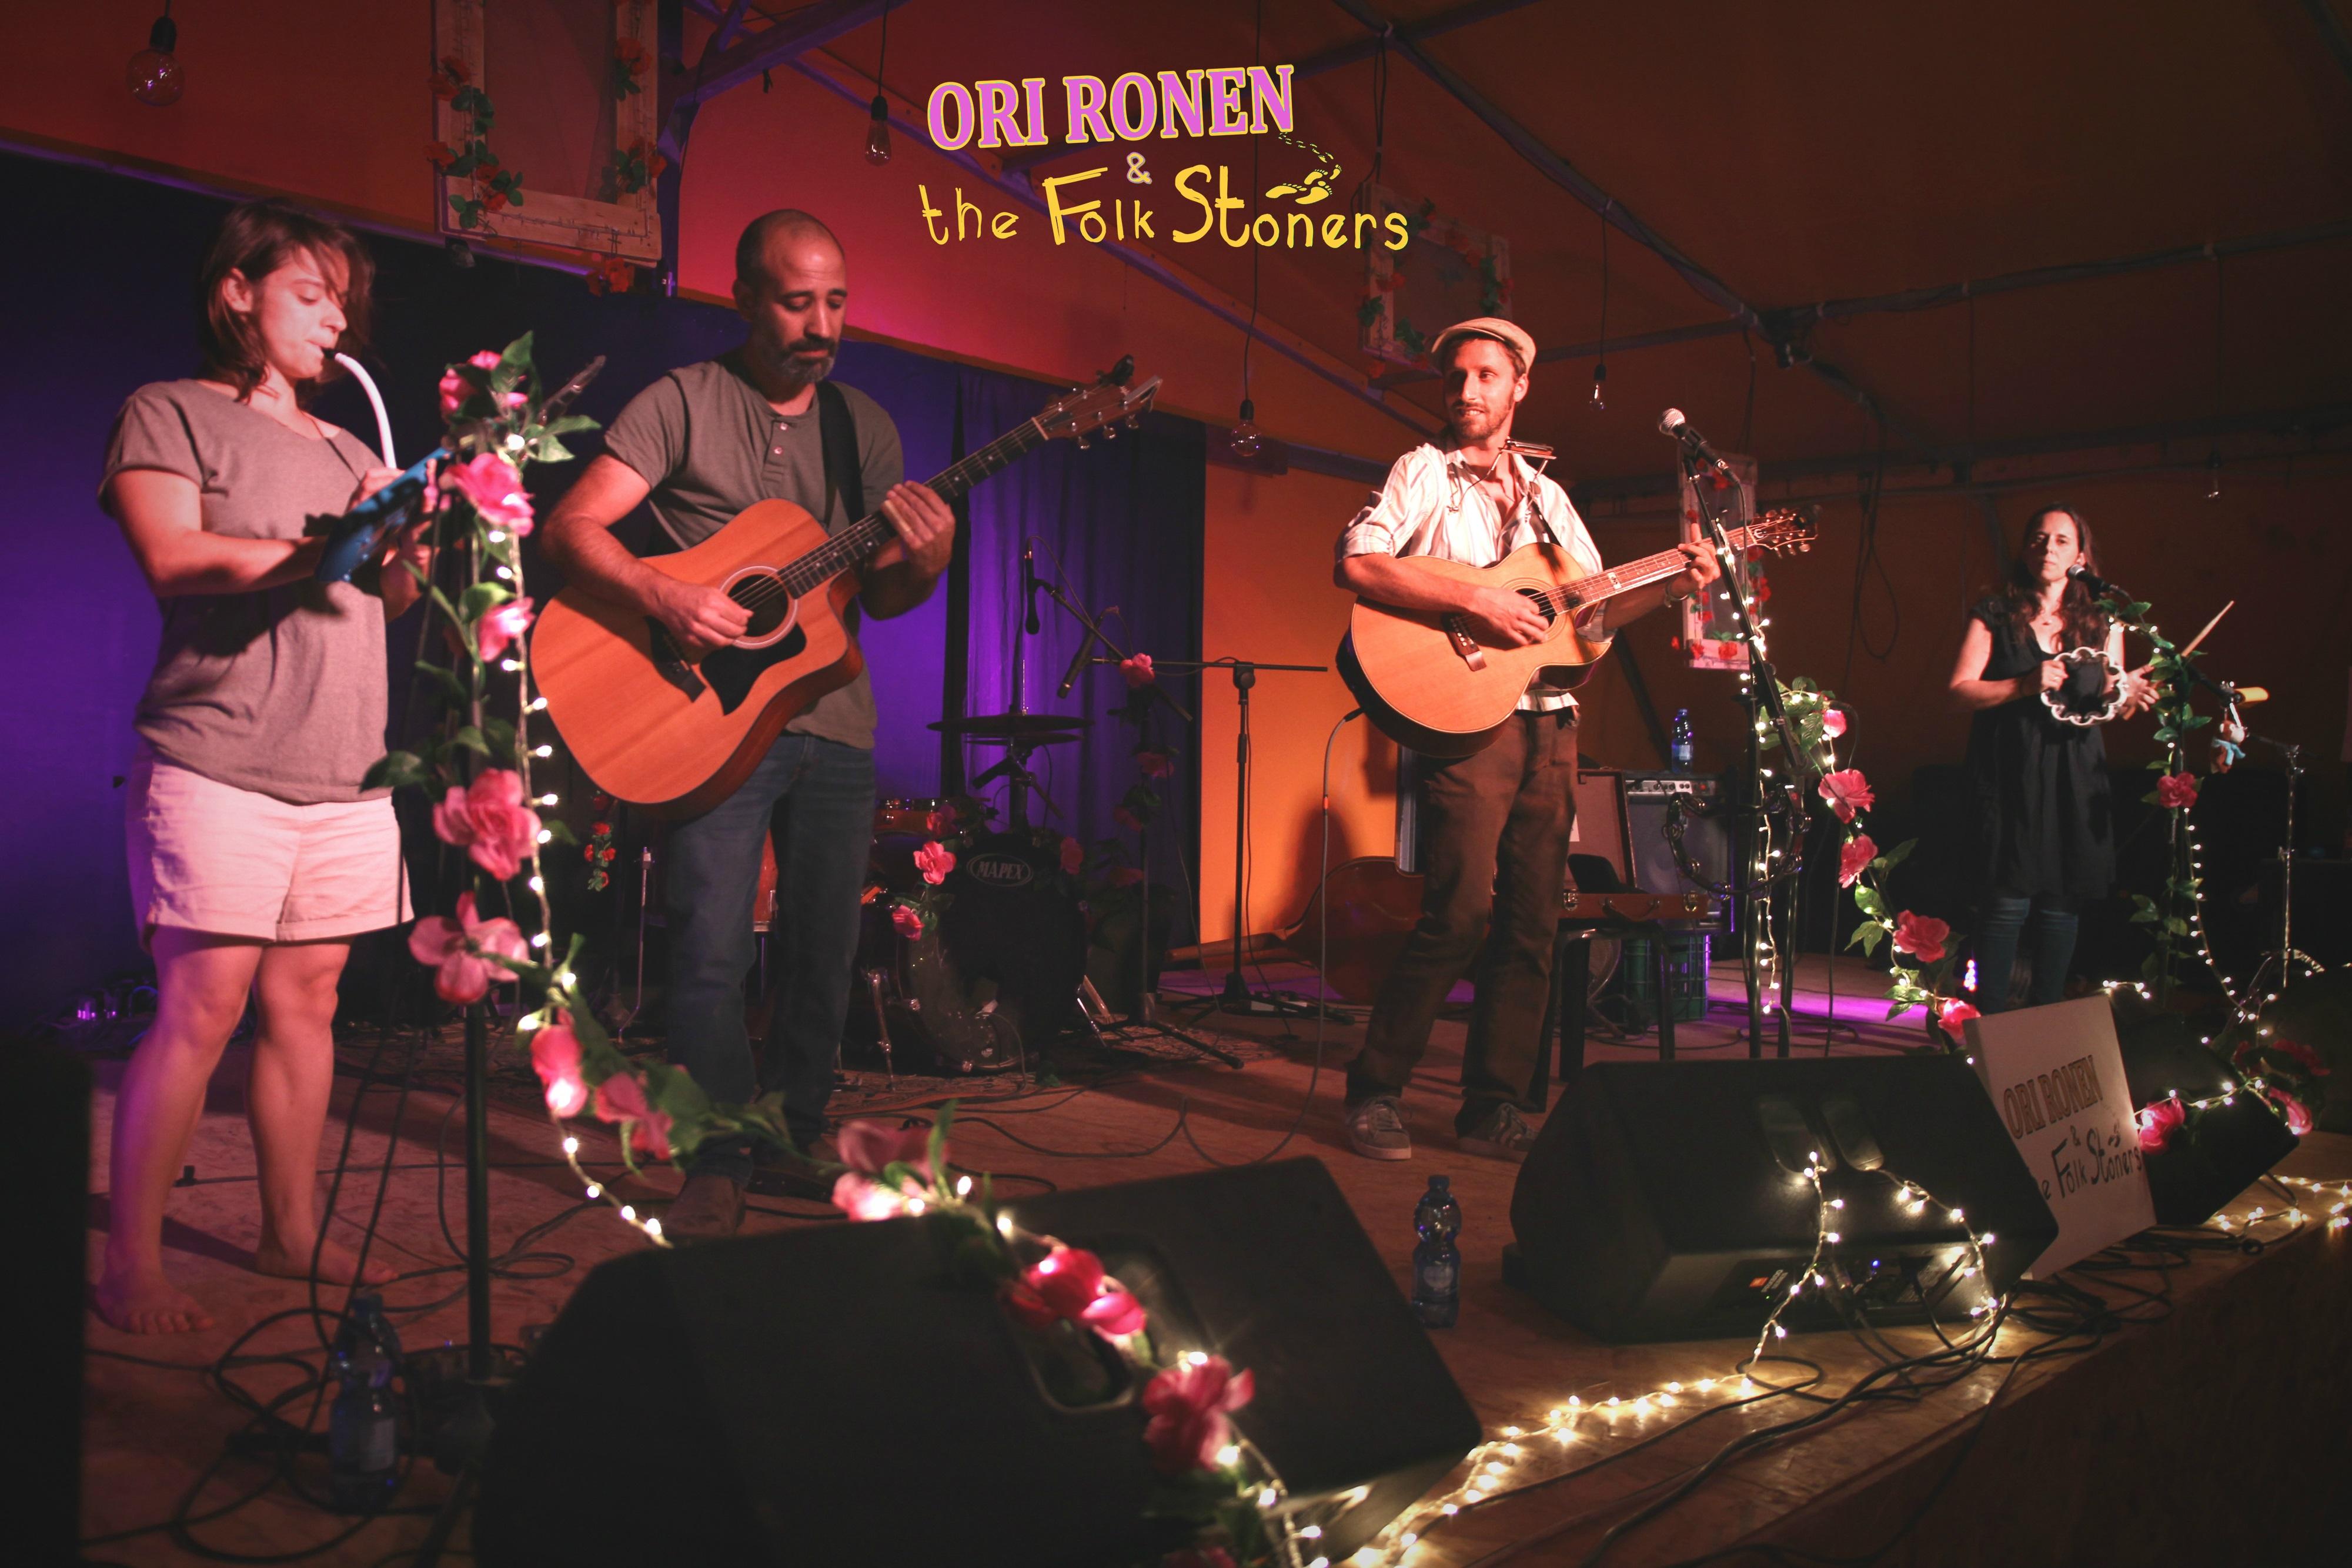 Ori Ronen & the Folk Stoners | Special guest: Adi Shiffer